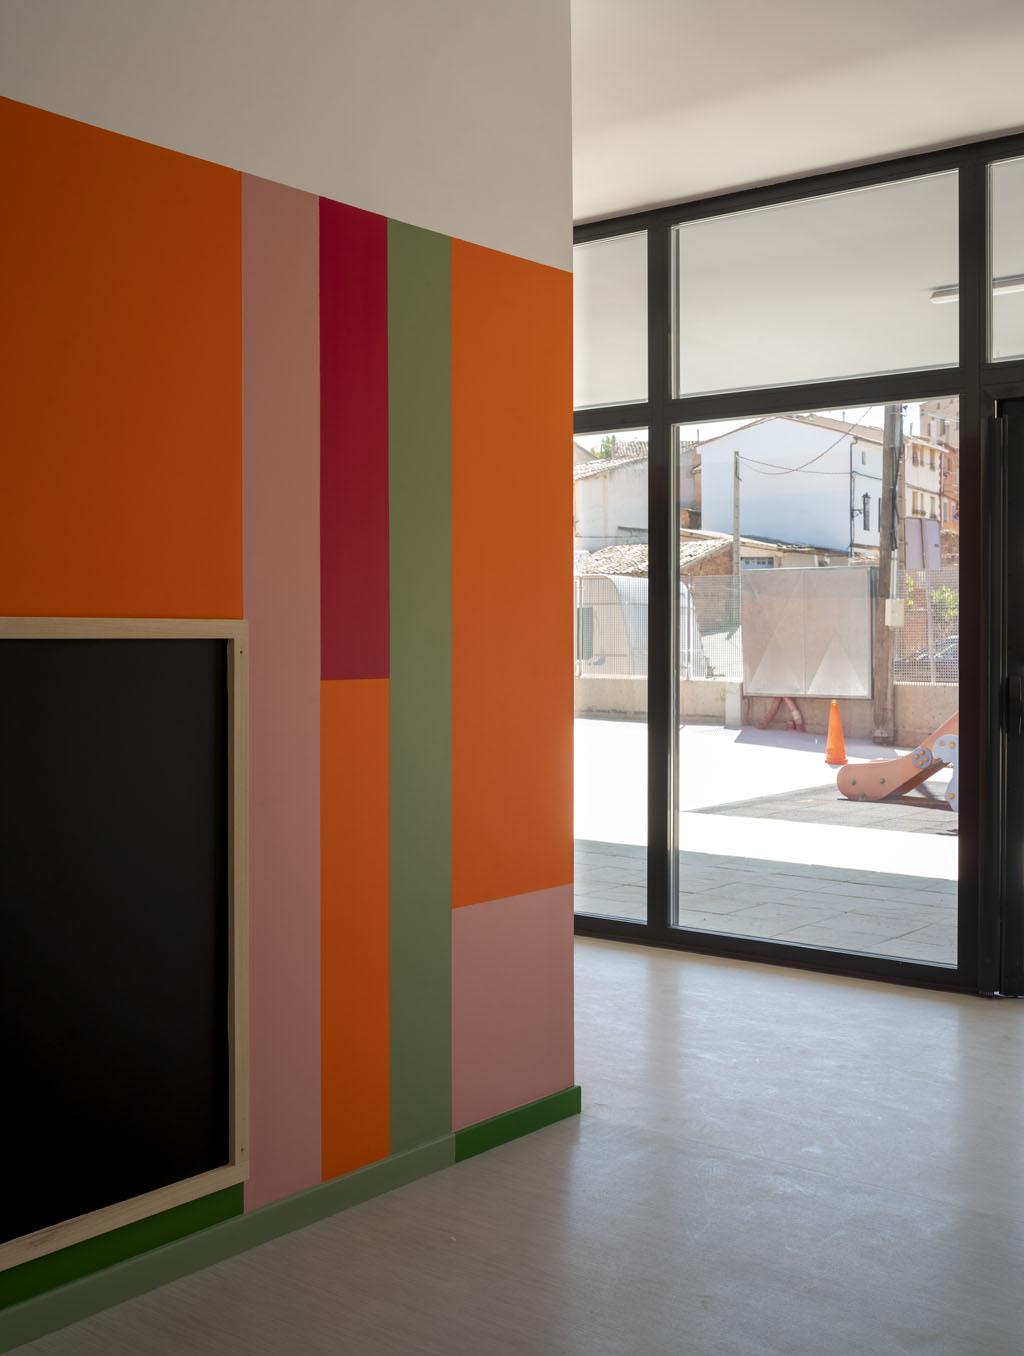 C.INFANTIL_WEB_21-Erlantz Biderbost fotografo de arquitectura e interiores